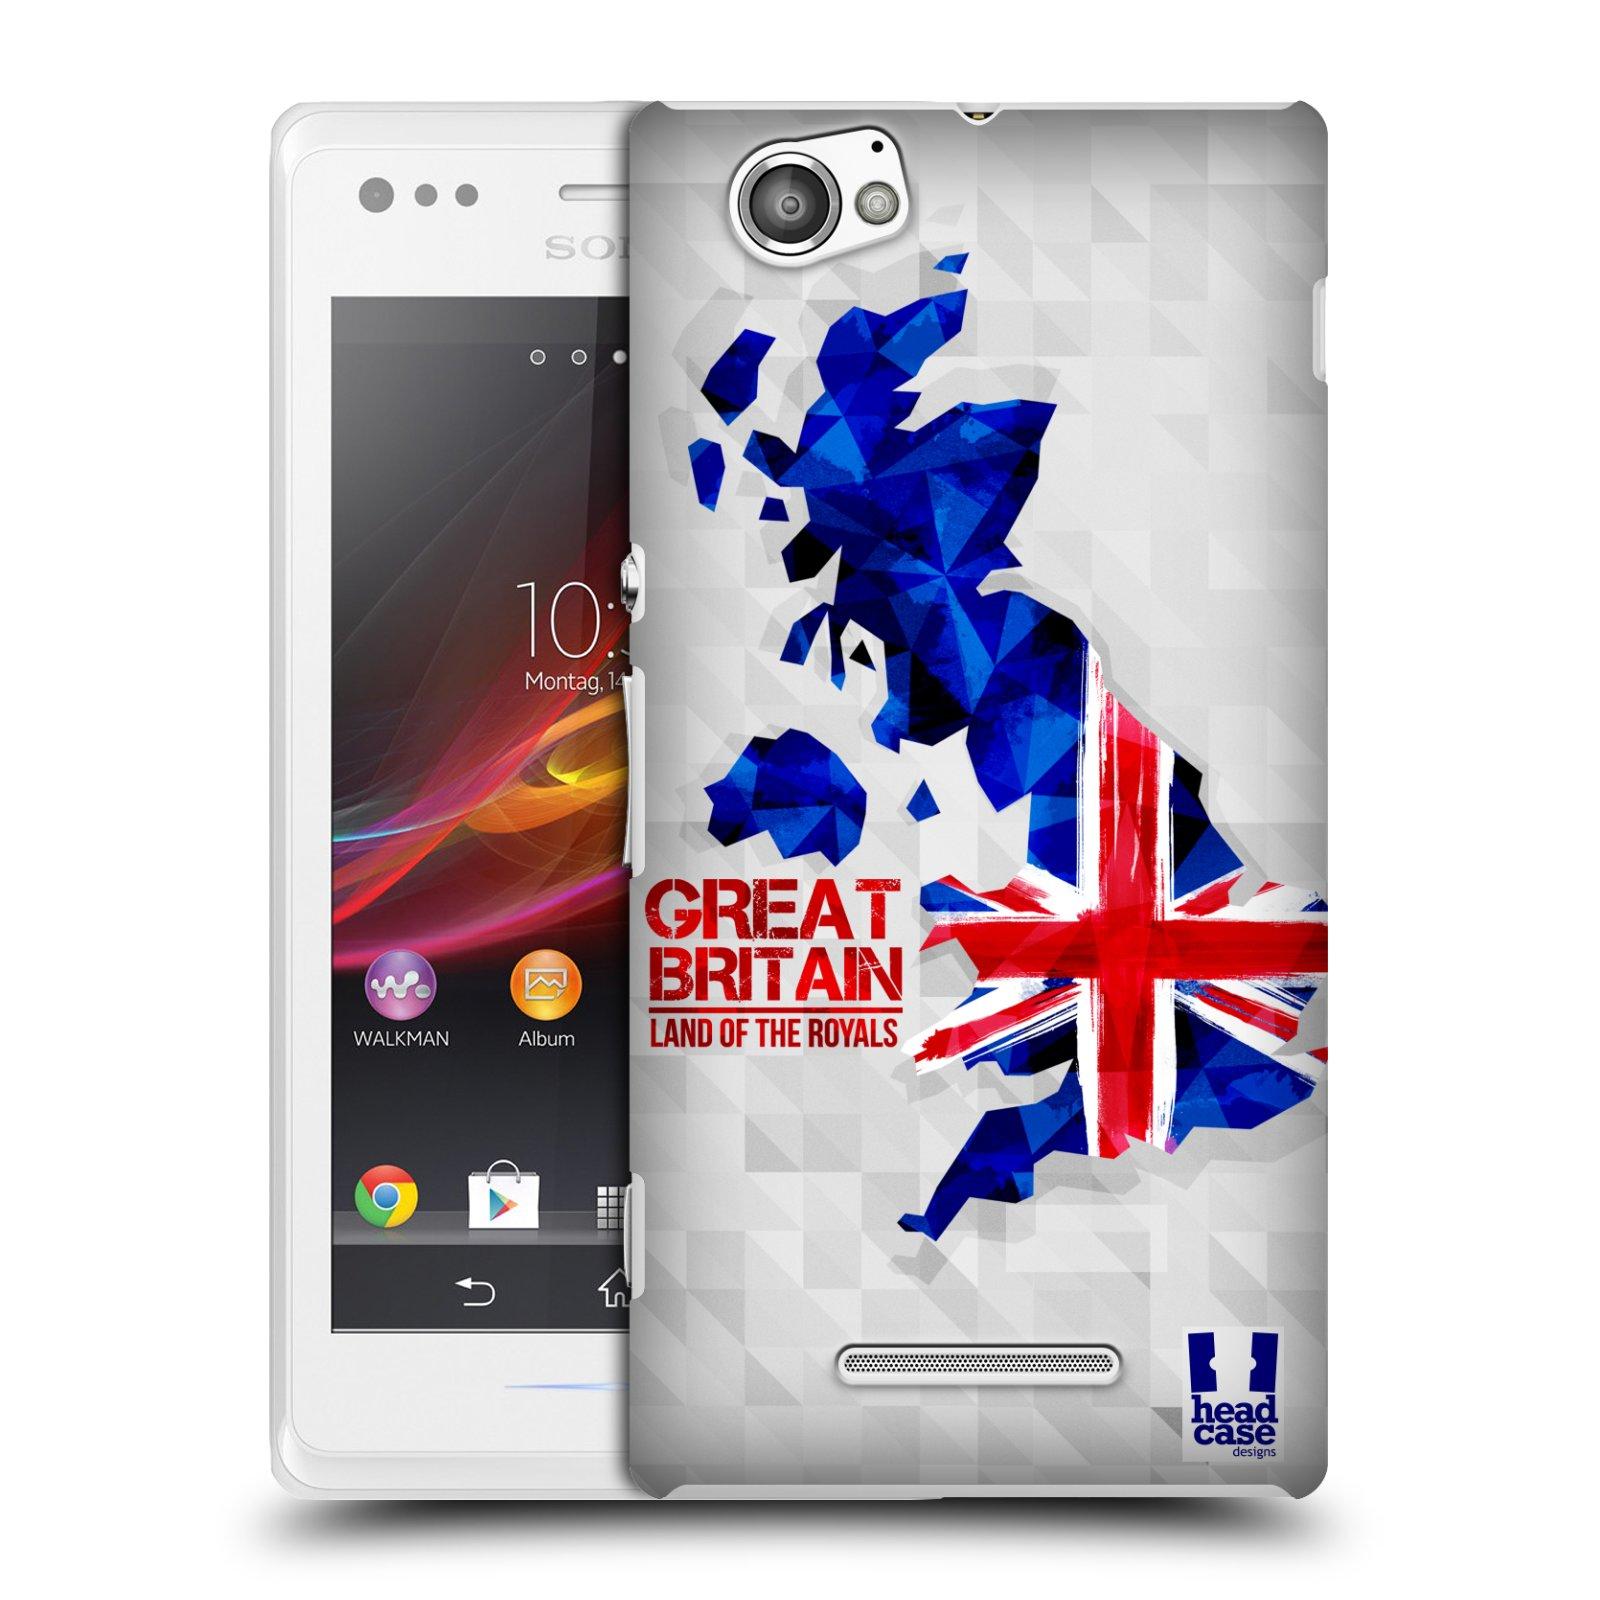 Plastové pouzdro na mobil Sony Xperia M C1905 HEAD CASE GEOMAPA VELKÁ BRTÁNIE (Kryt či obal na mobilní telefon Sony Xperia M a M Dual)